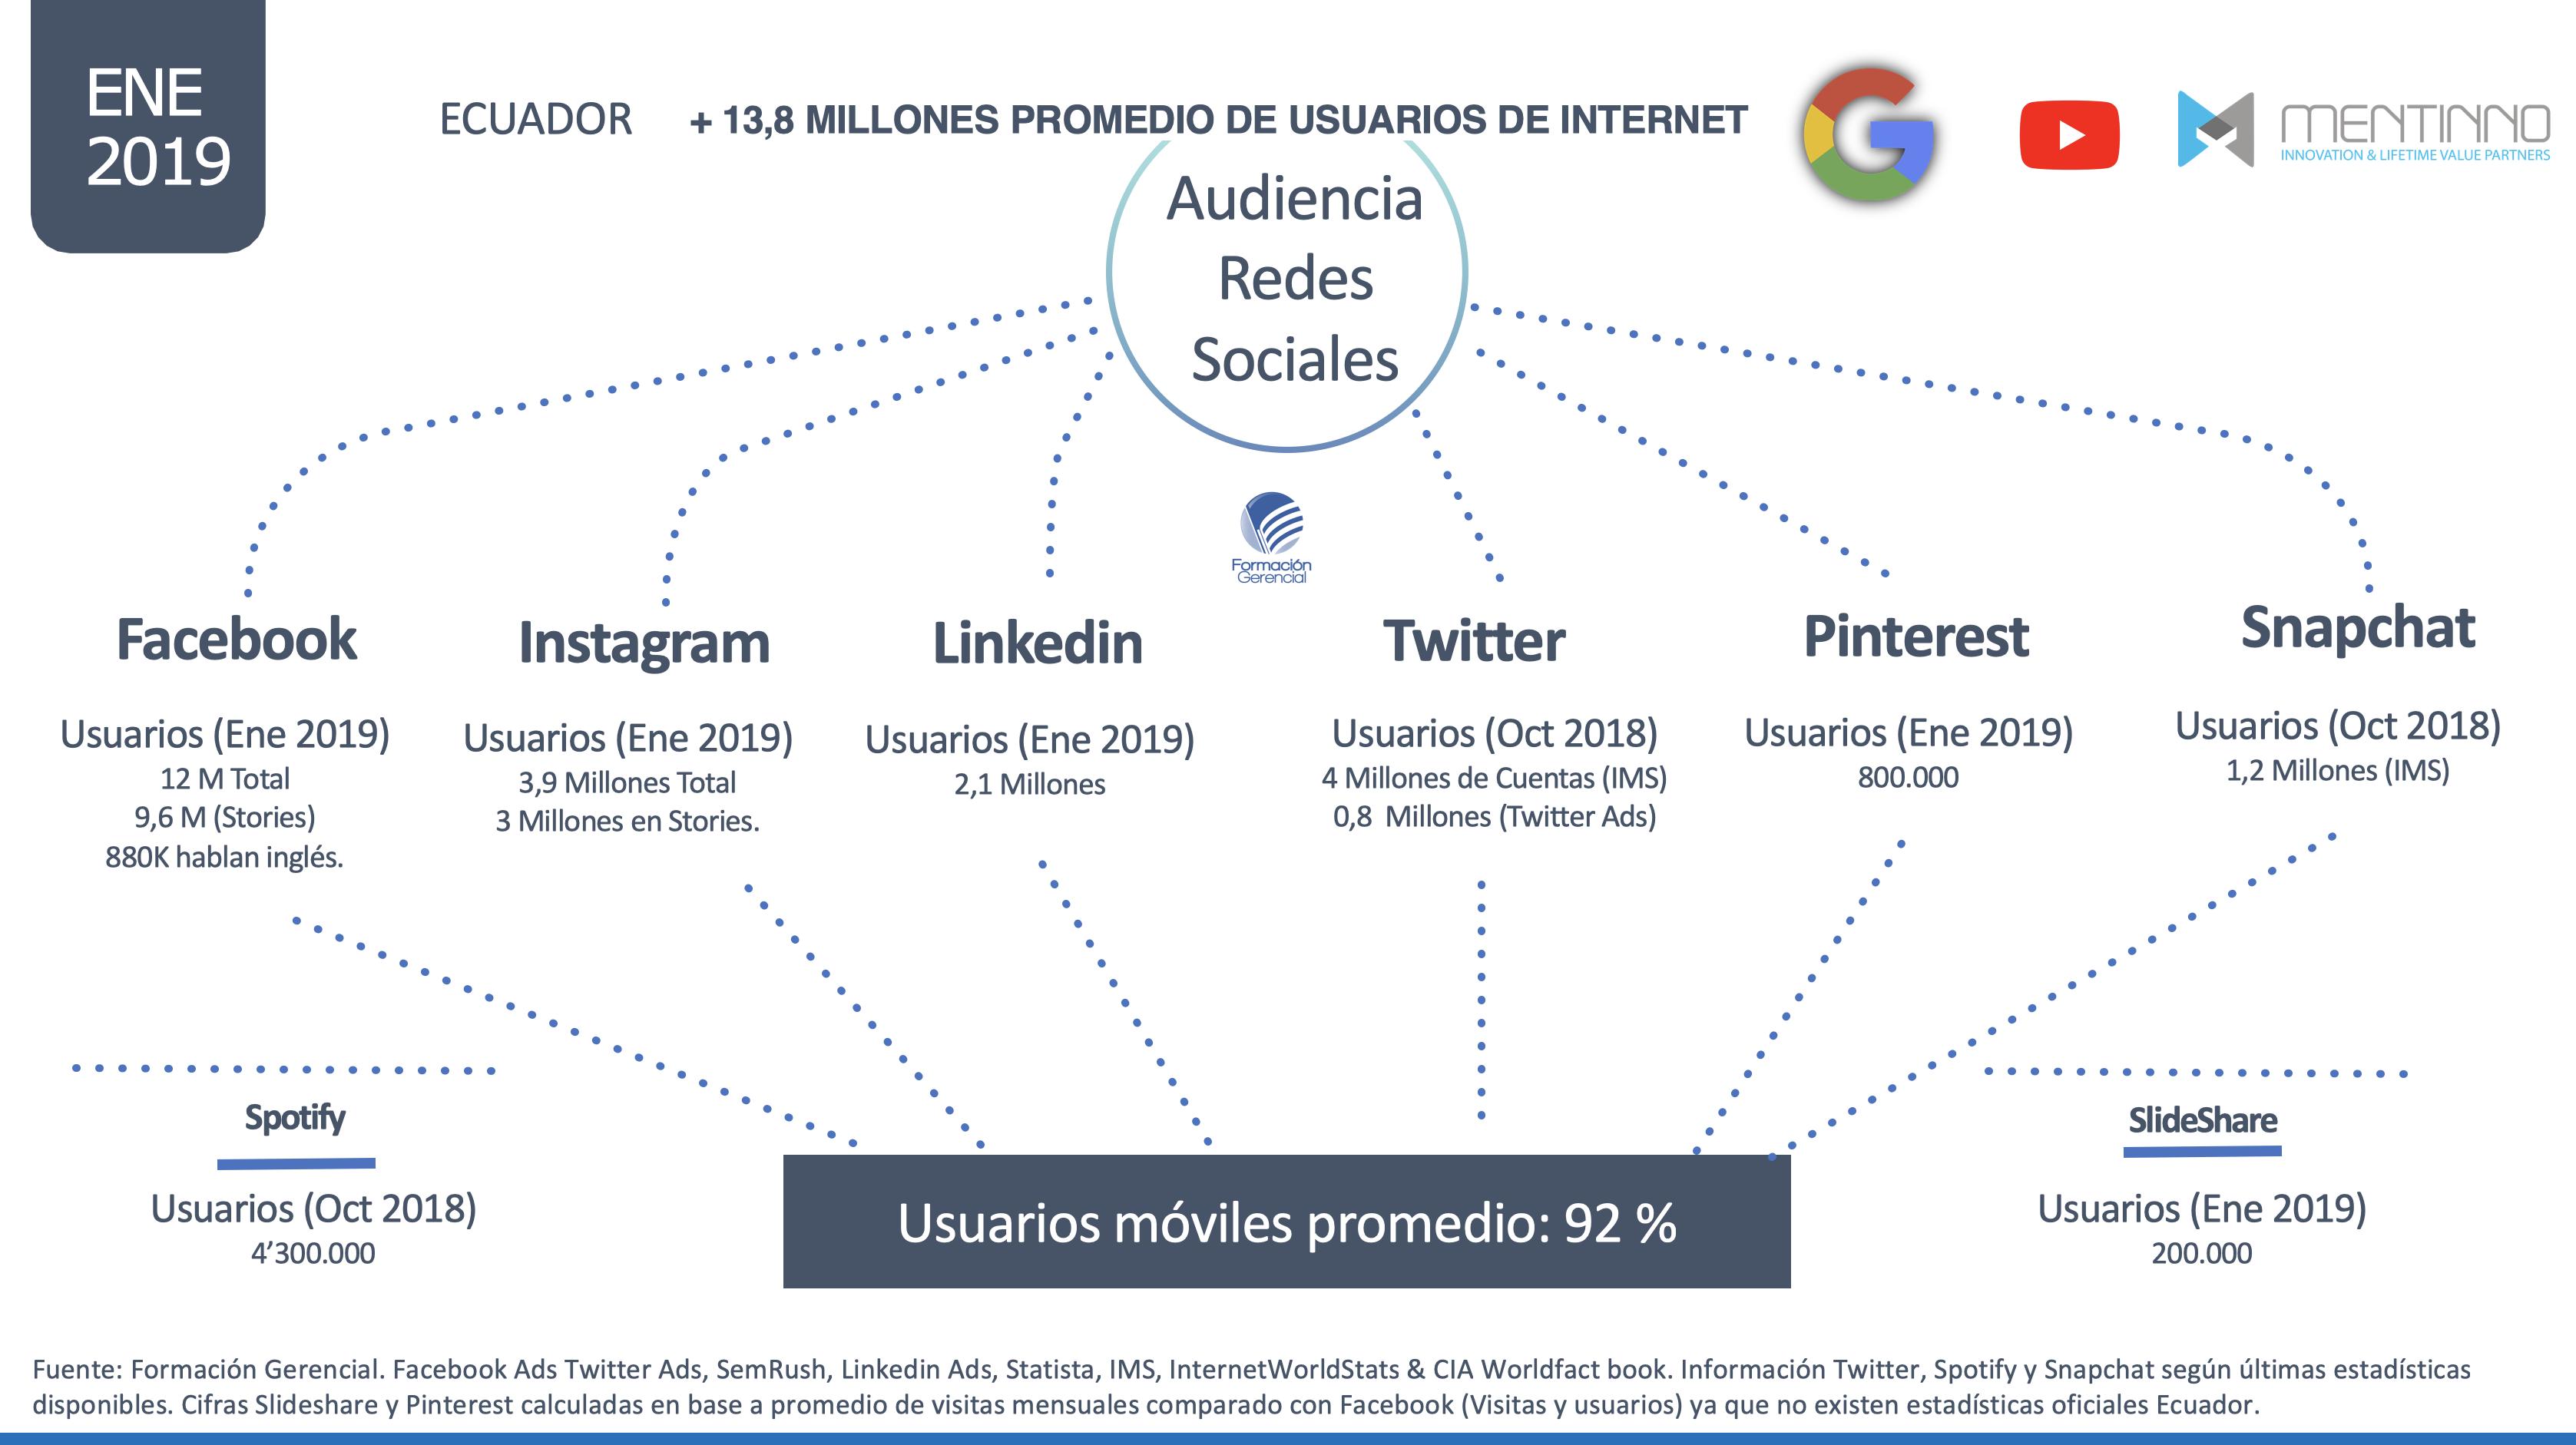 Usuarios Redes Sociales Ecuador